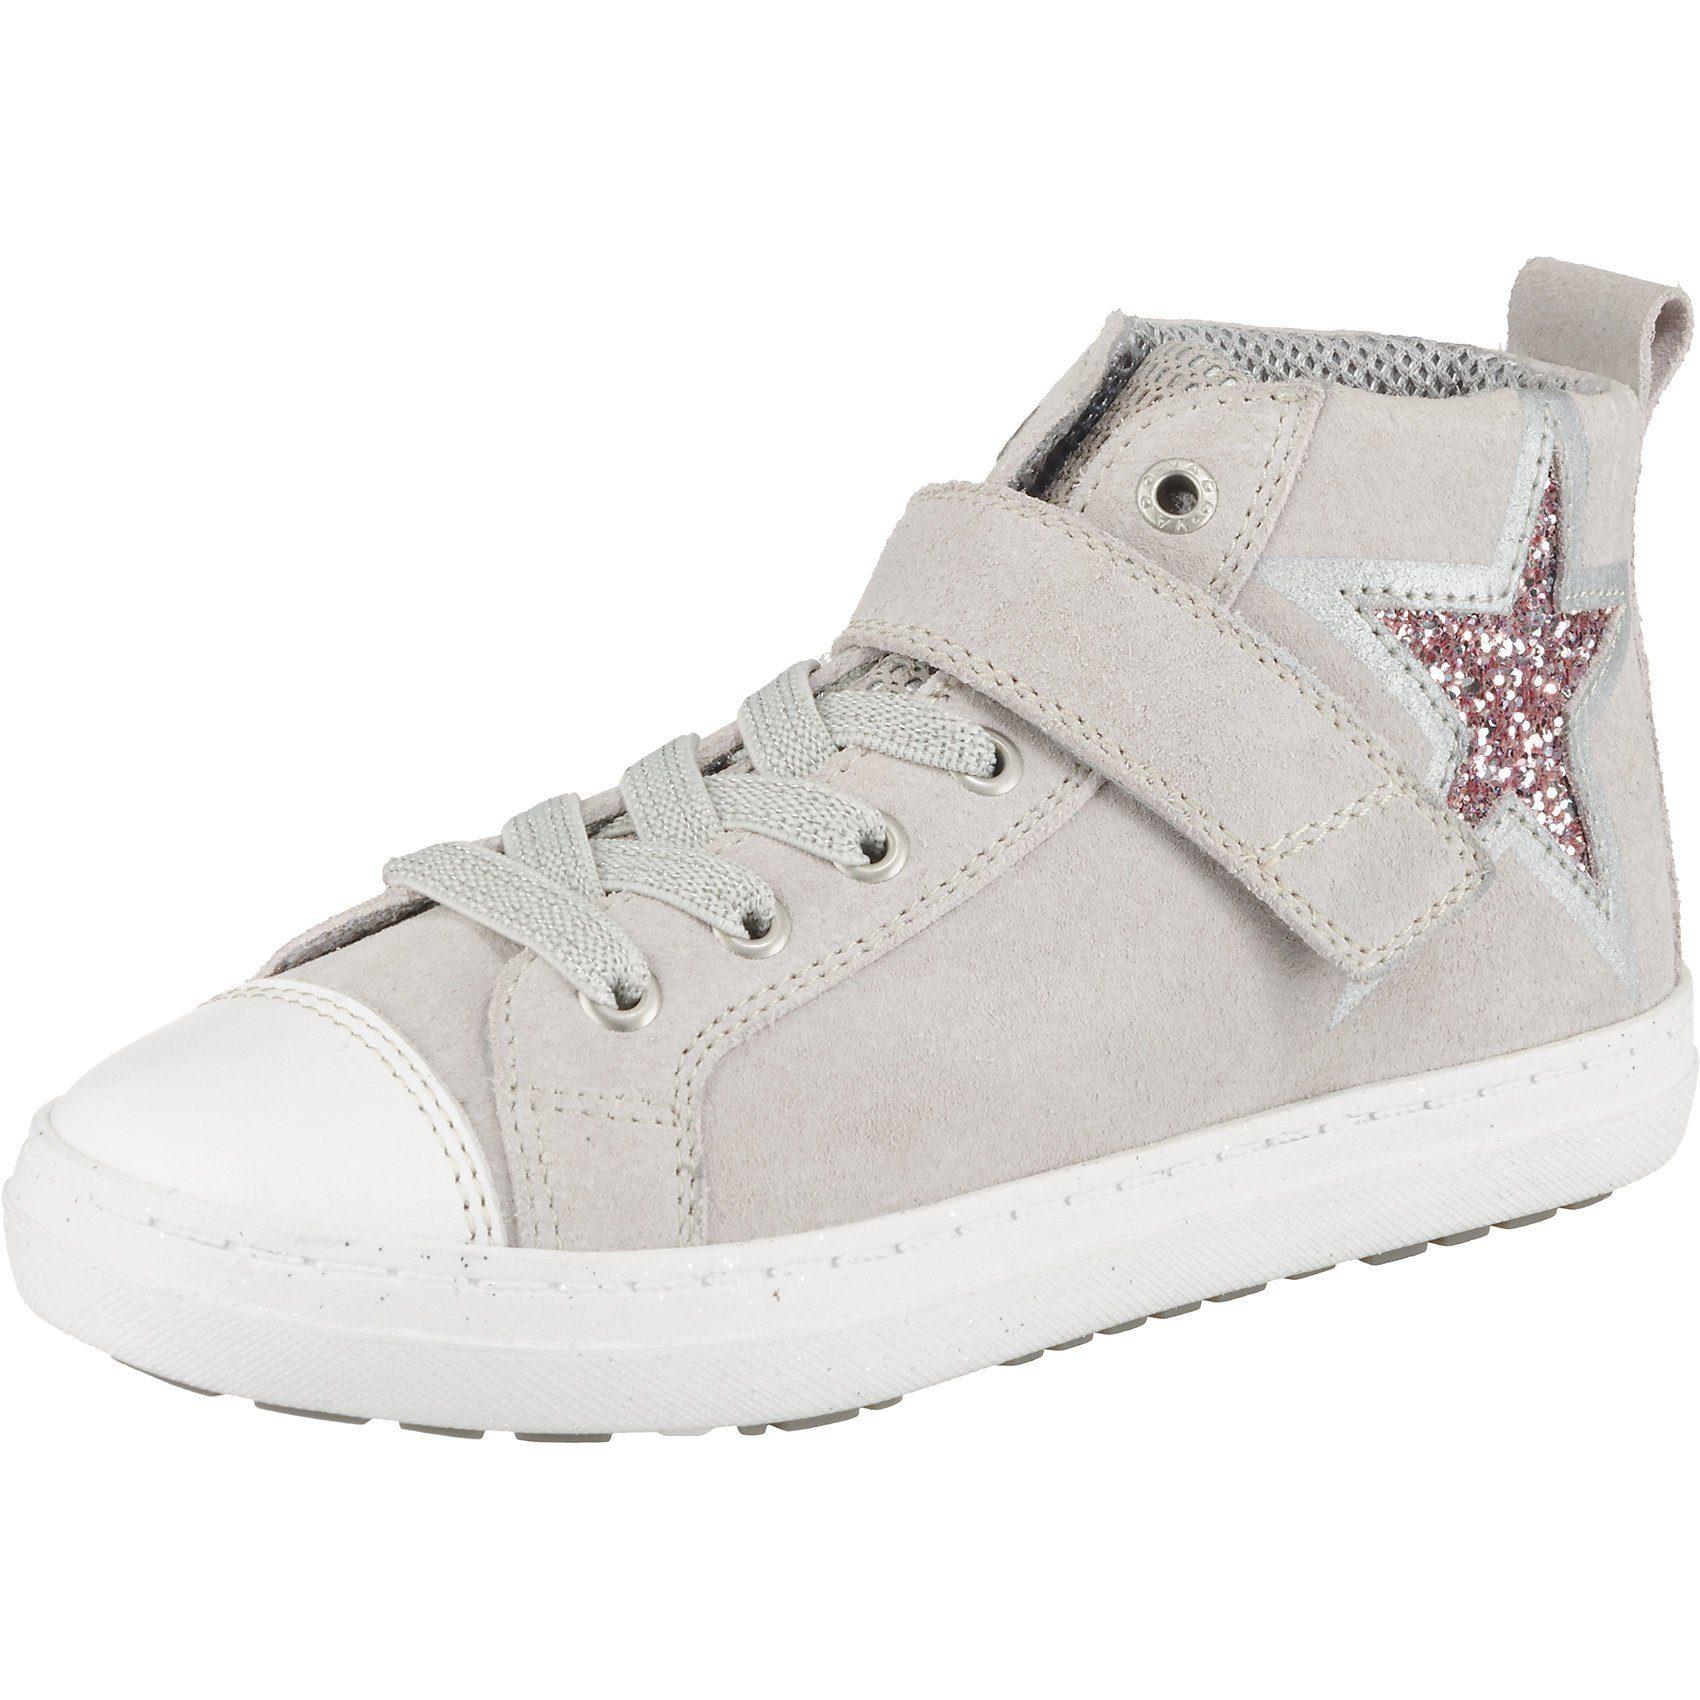 Vado Sneakers HIGH SPACE für Mädchen, Verschluss: Klettverschluss online kaufen | OTTO